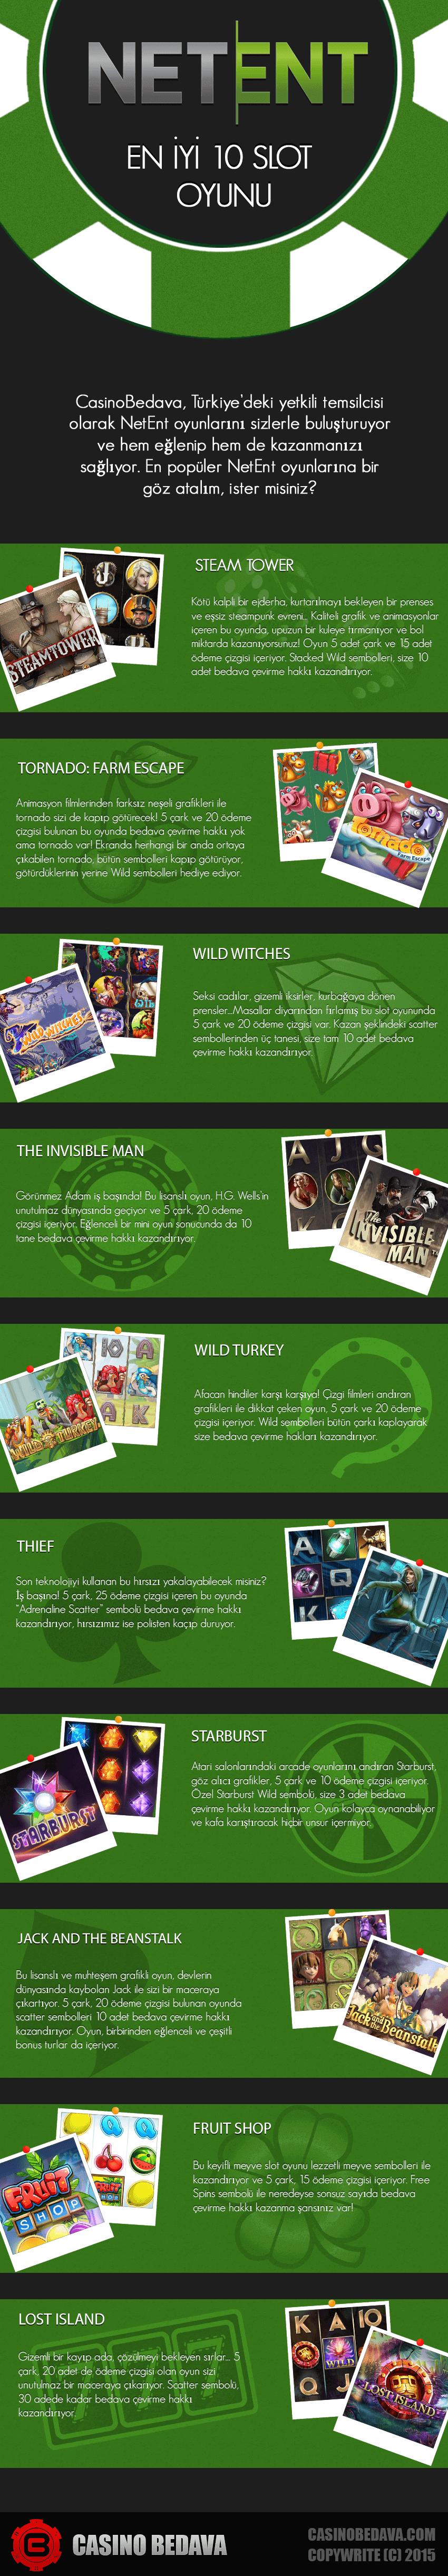 en iyi netent slot oyunlari